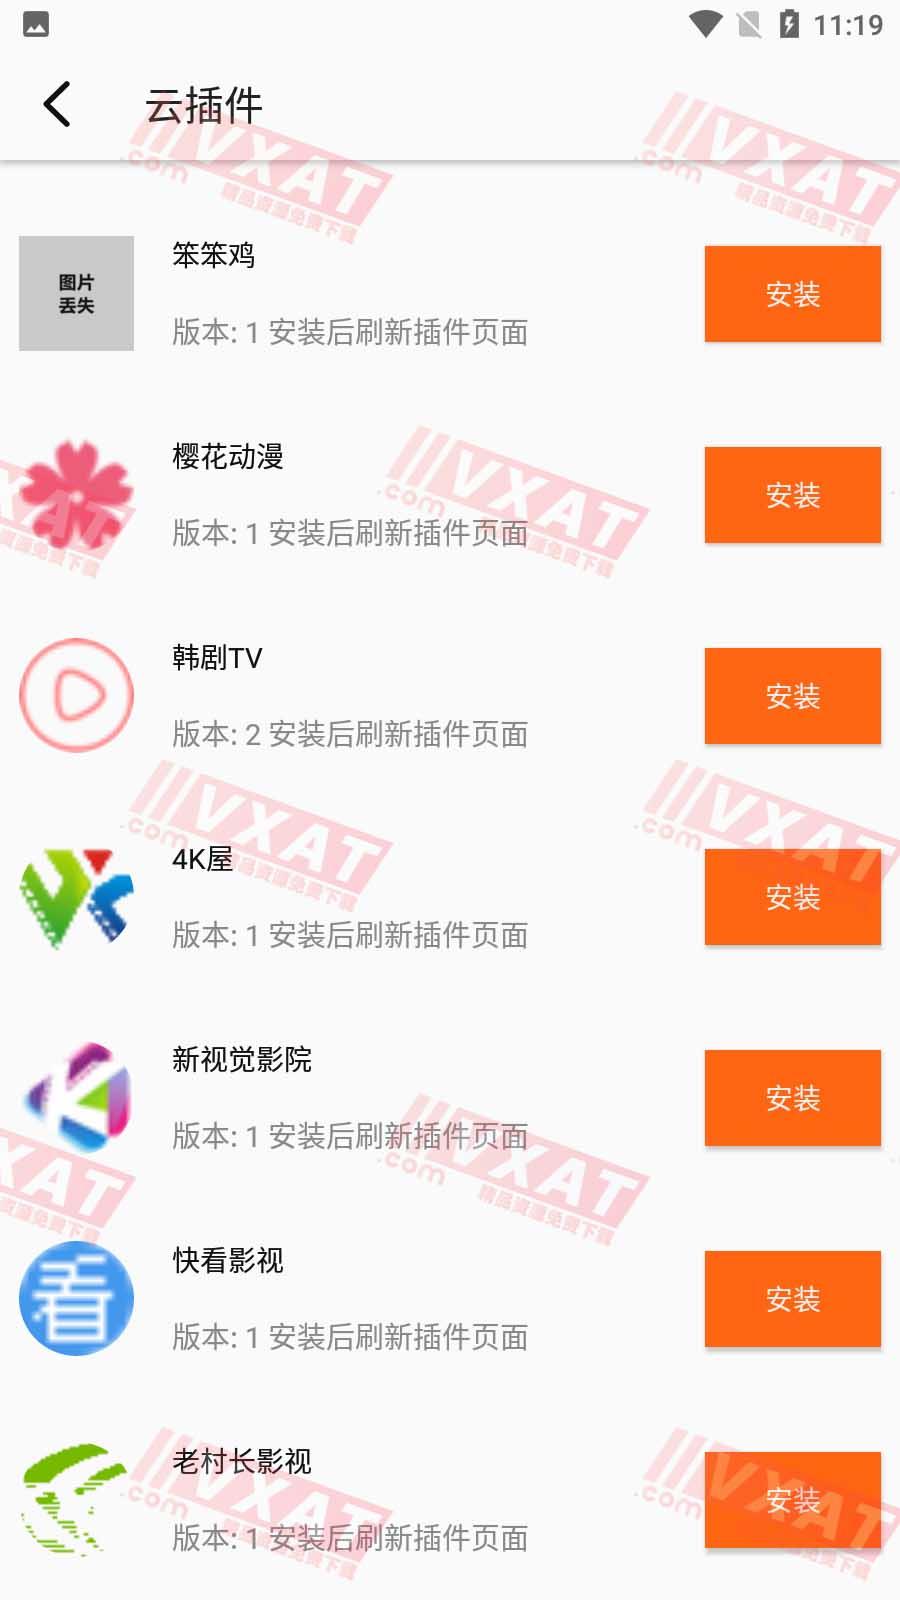 美剧侠 v1.9.0 去广告安卓版 第1张